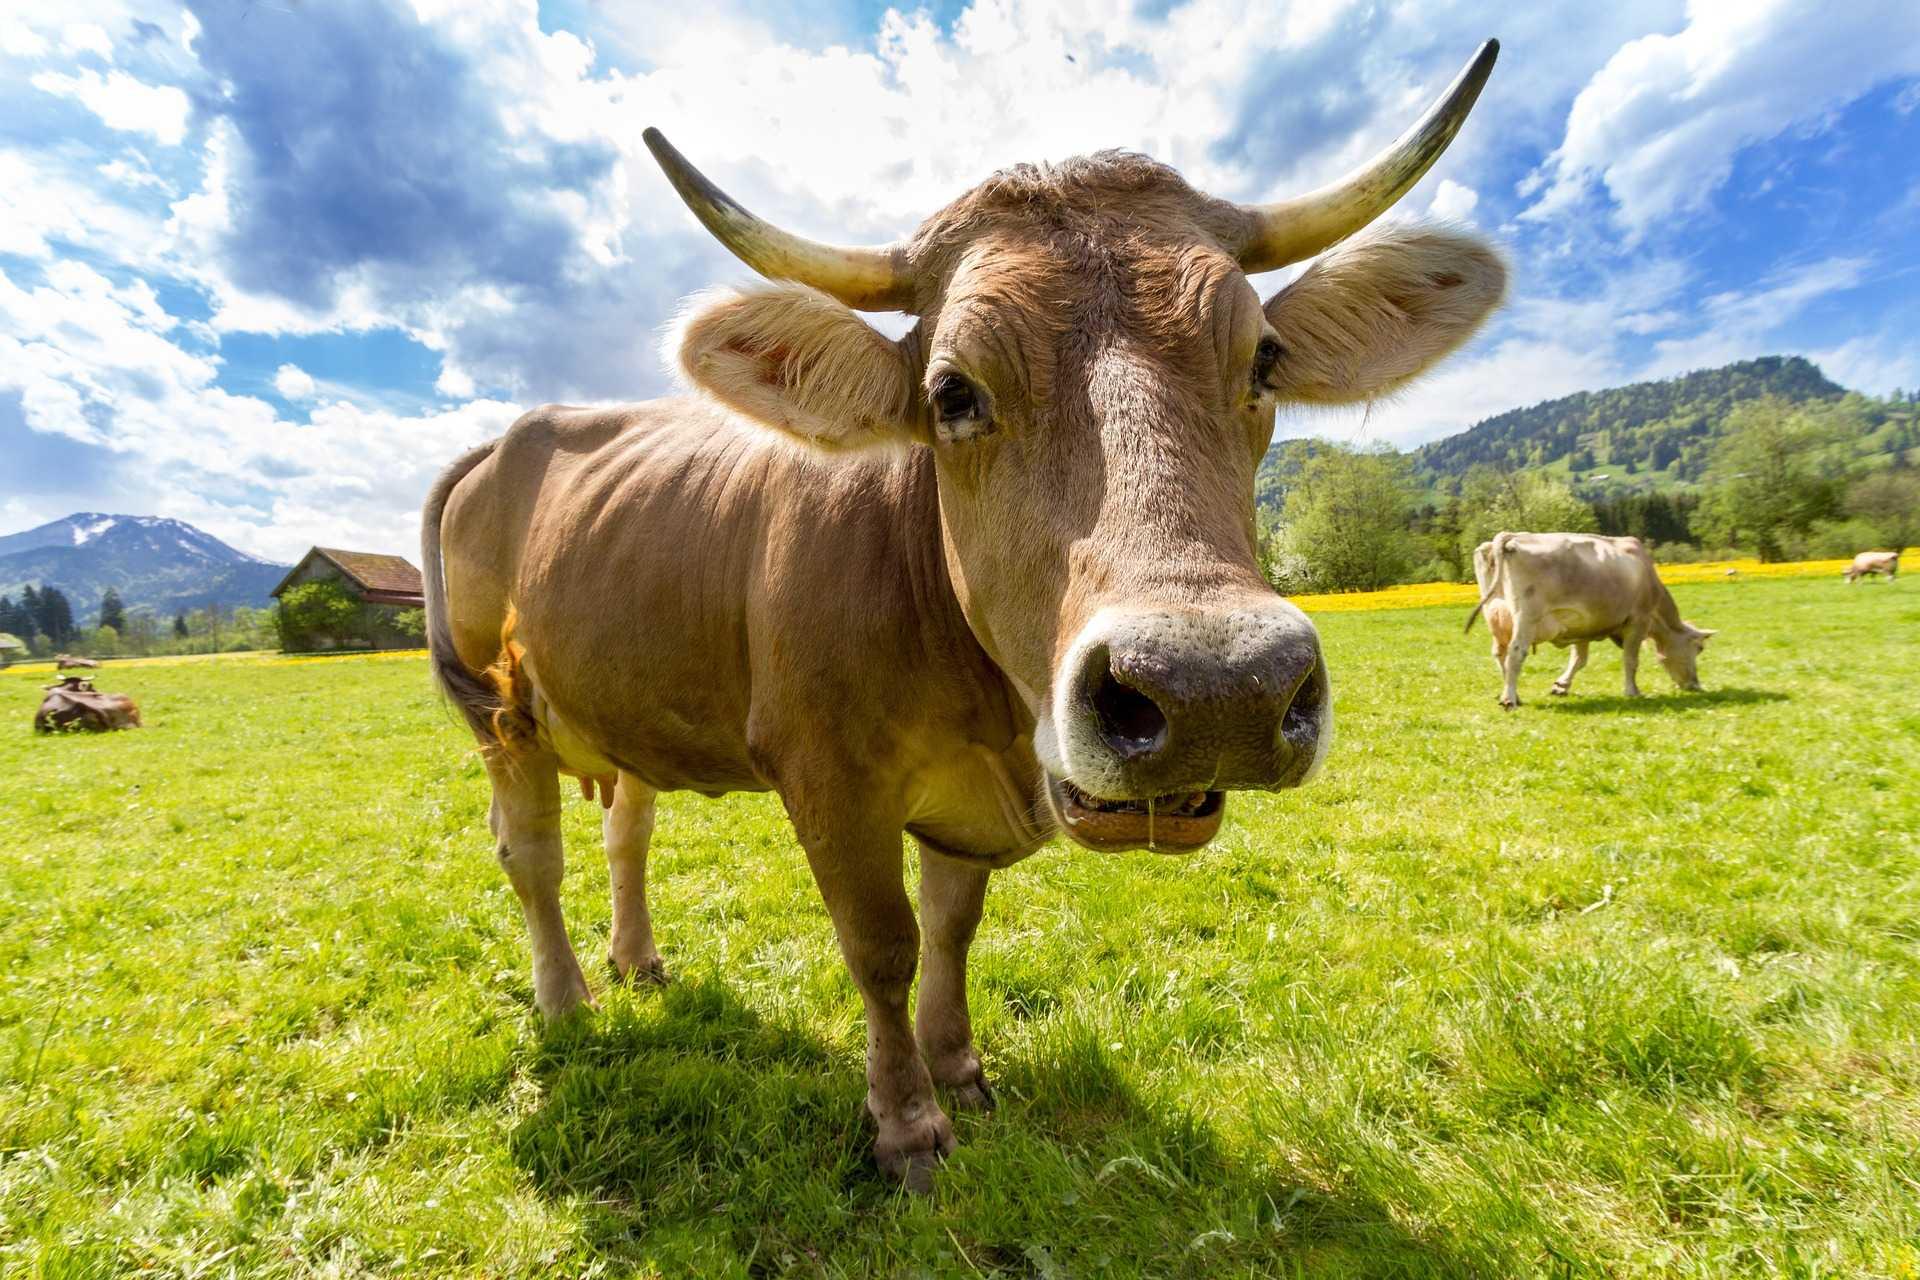 סיבות להימנע משתיית חלב ואכילת מוצרי חלב, גם בחג השבועות. רוצים להבין למה? התקשרו עכשיו 072-3924690 והרשמו למסלול לימודי נטורופתיה, מכללת כרכור